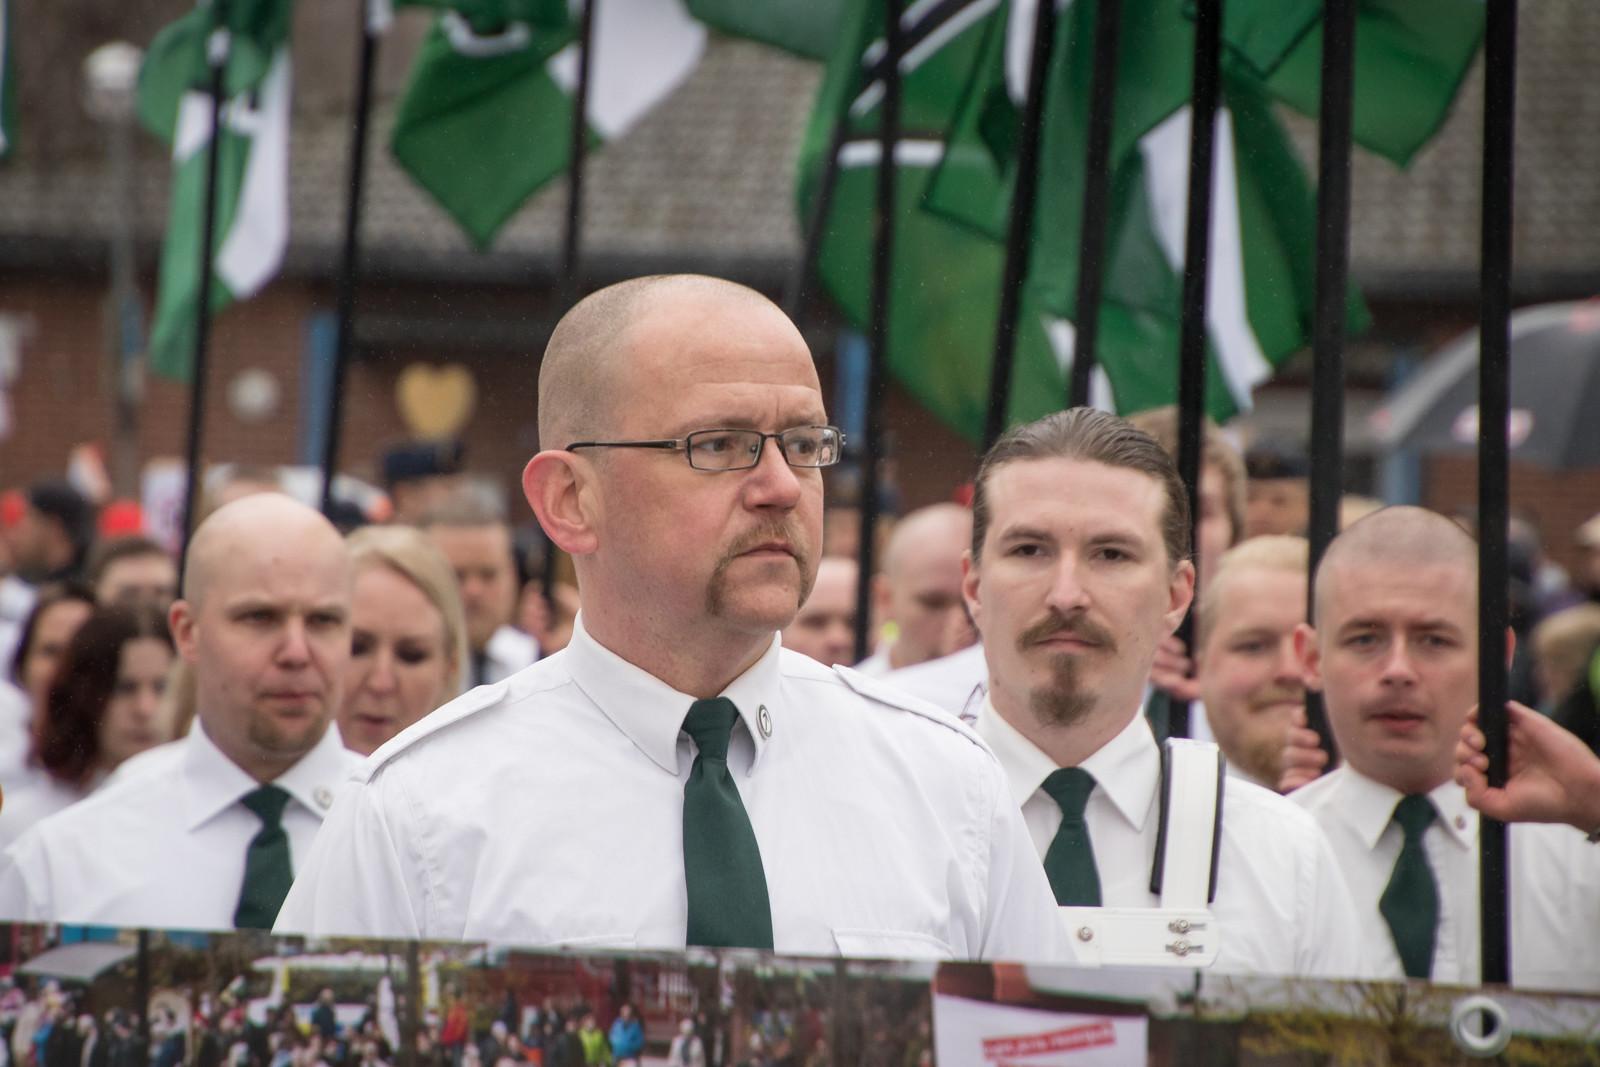 Riksmedlem och lokalpolitiker Pär Öberg, 1:a maj 2018